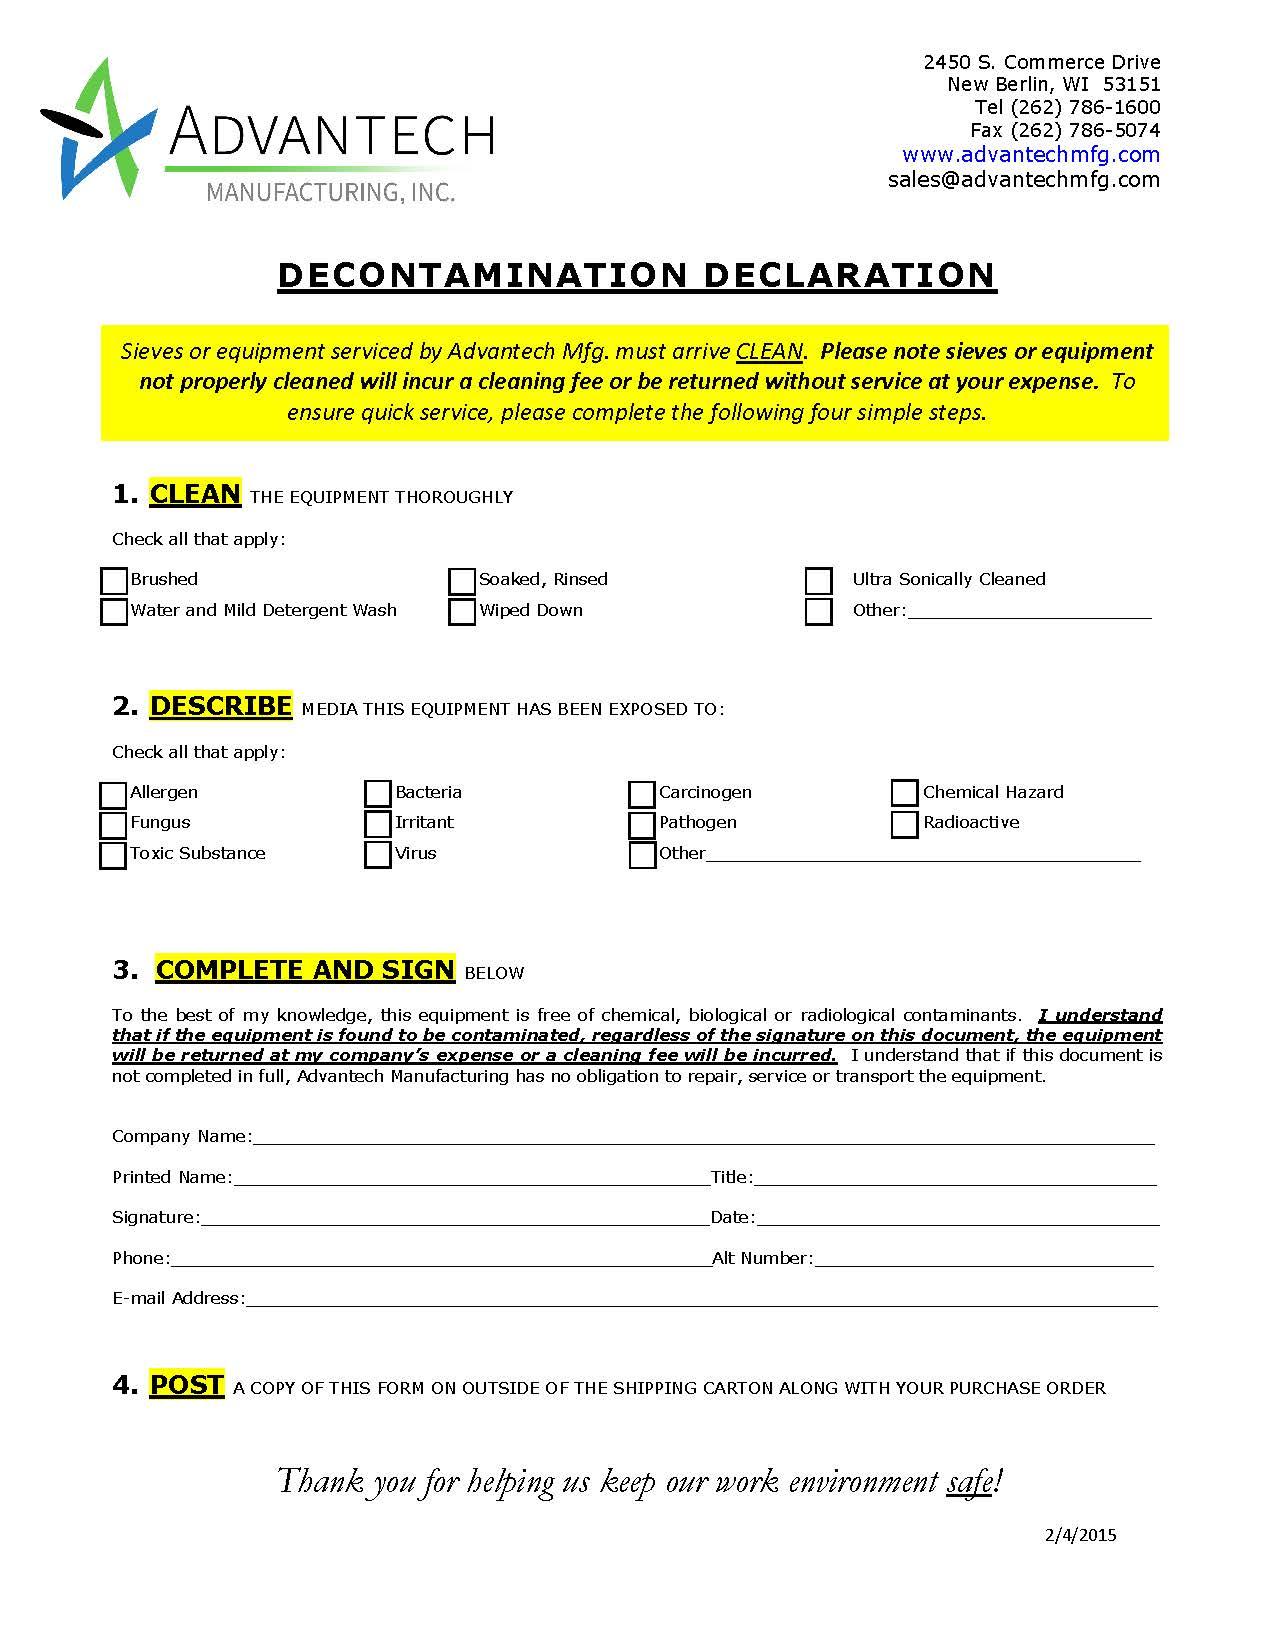 decontaminationdeclaration.jpg